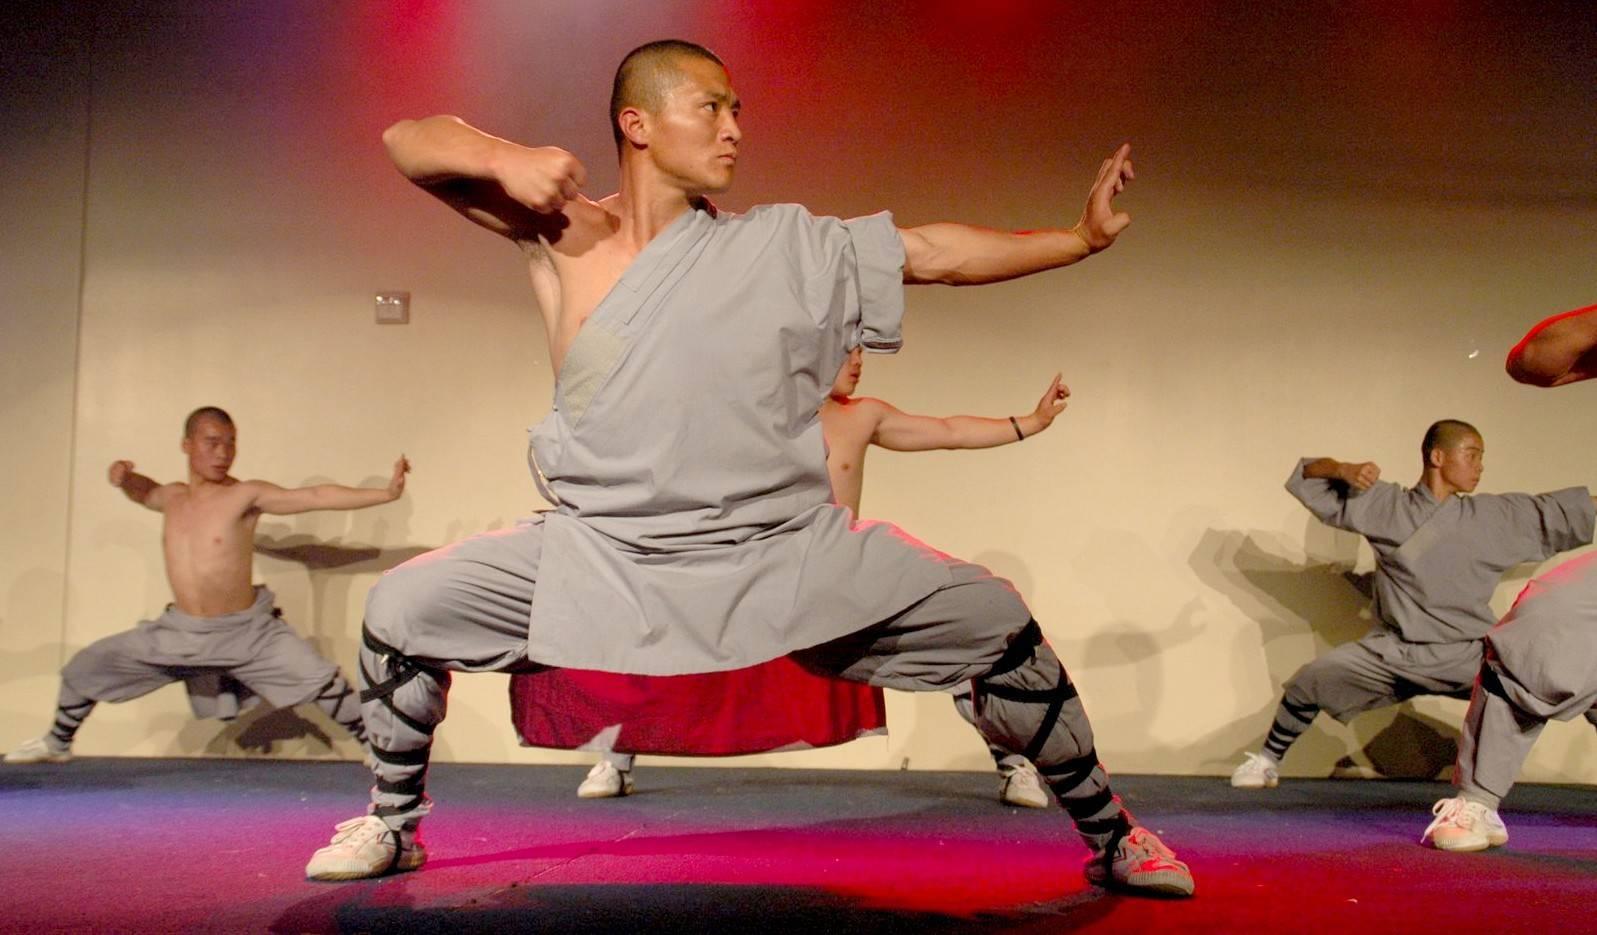 6 боевых искусств, которые улучшат твою физическую форму | brodude.ru